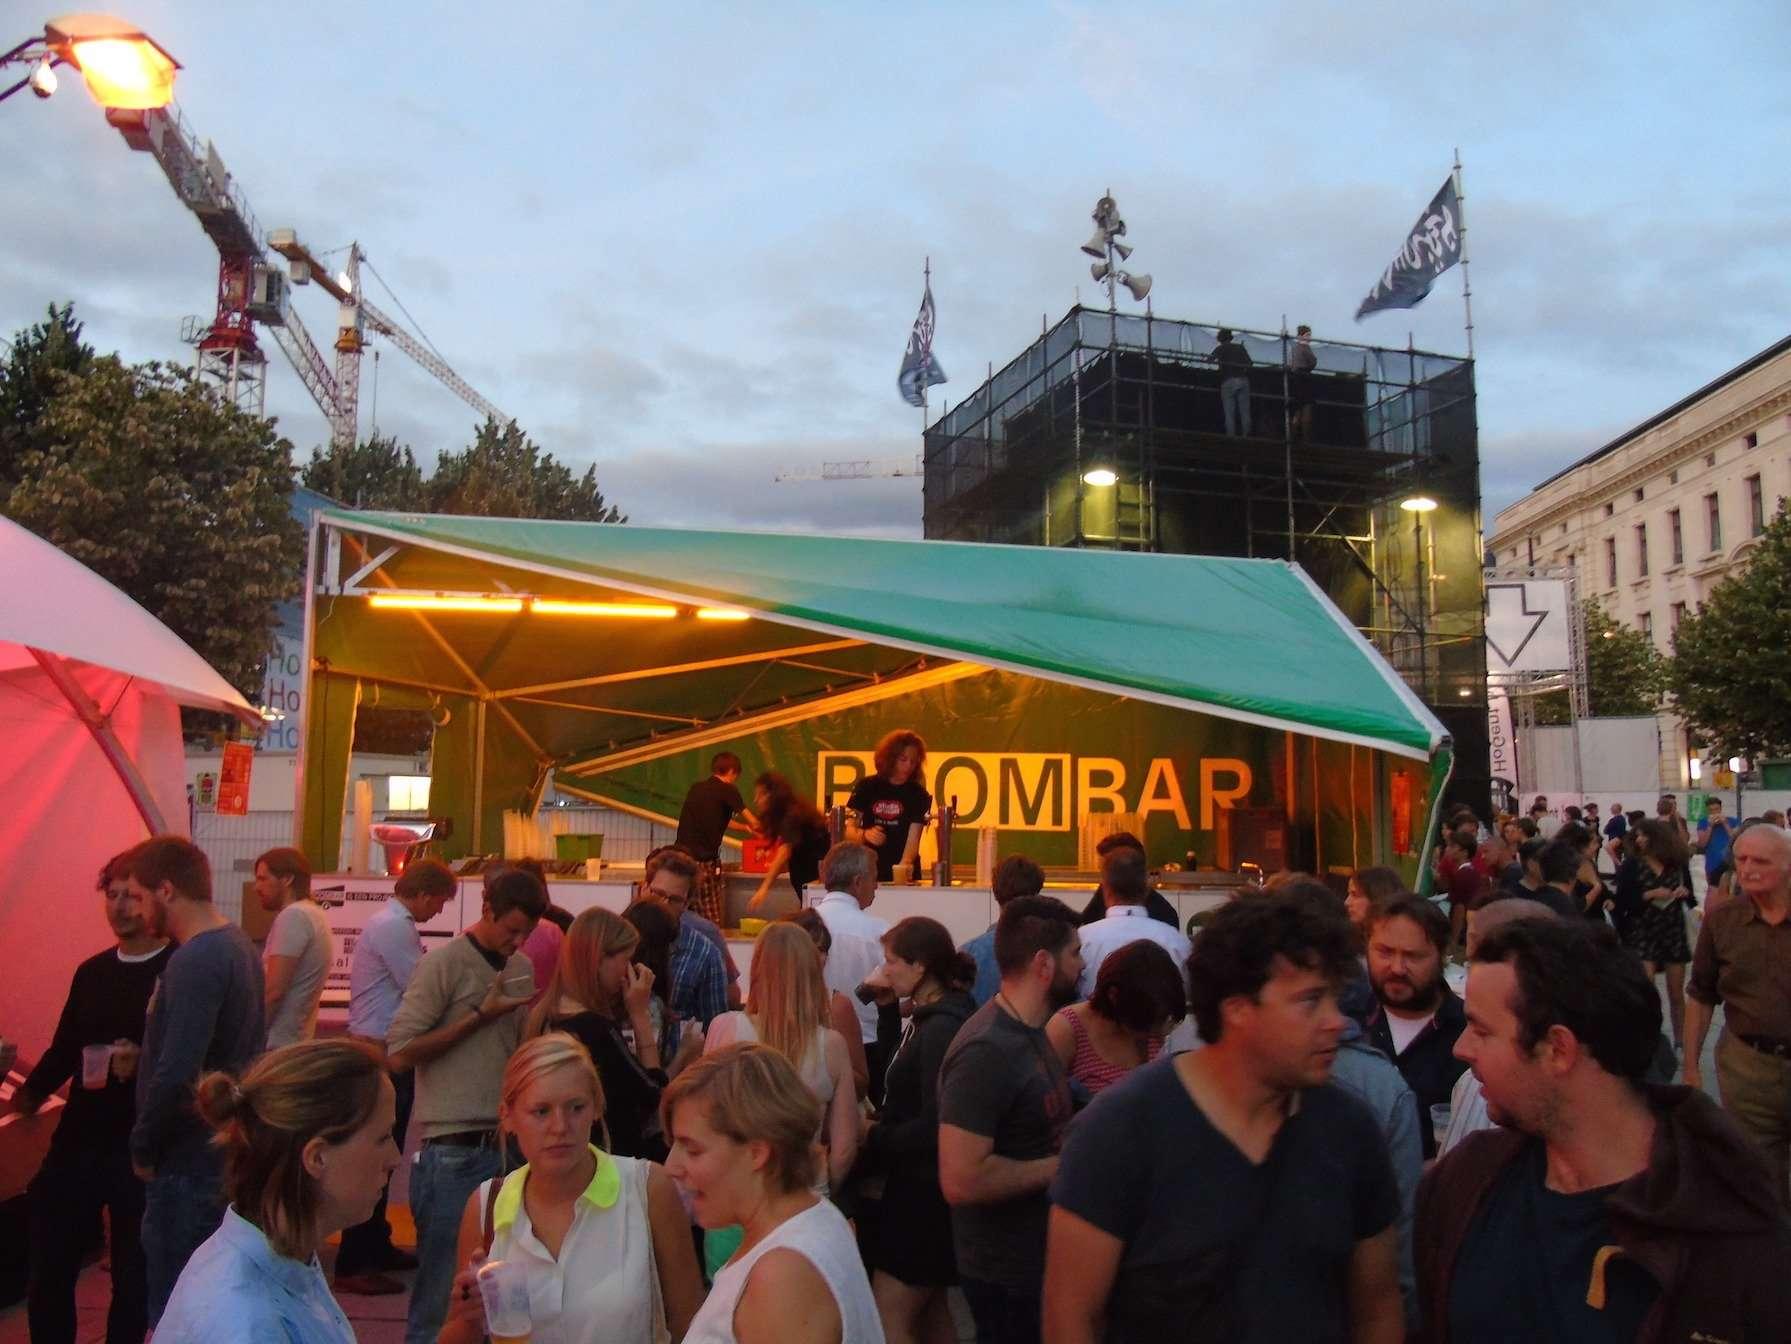 boombar <span>2016, gent, boomtown, bar, cultuur</span>